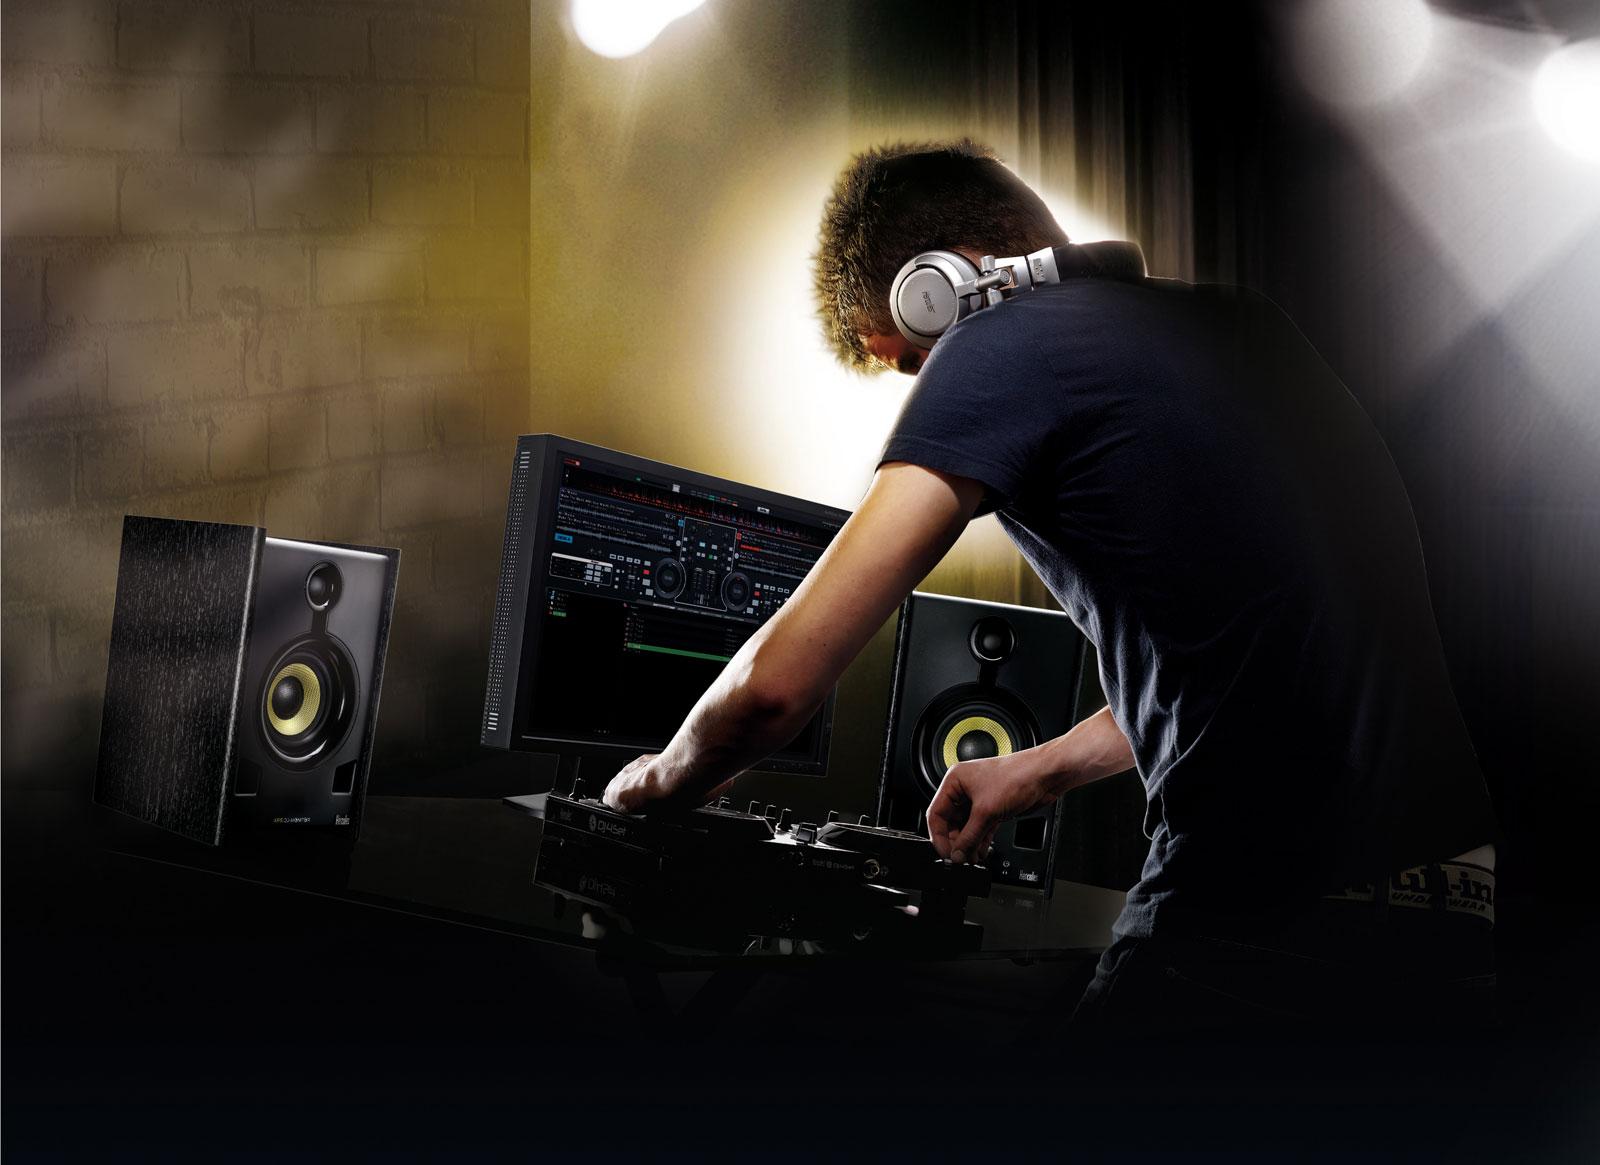 2º Mês da Música Eletrônica: 7 Dicas que Todo DJ de Warm Up Devia Seguir, mas Normalmente não Segue club, dicas, DJ, headliner, warm up